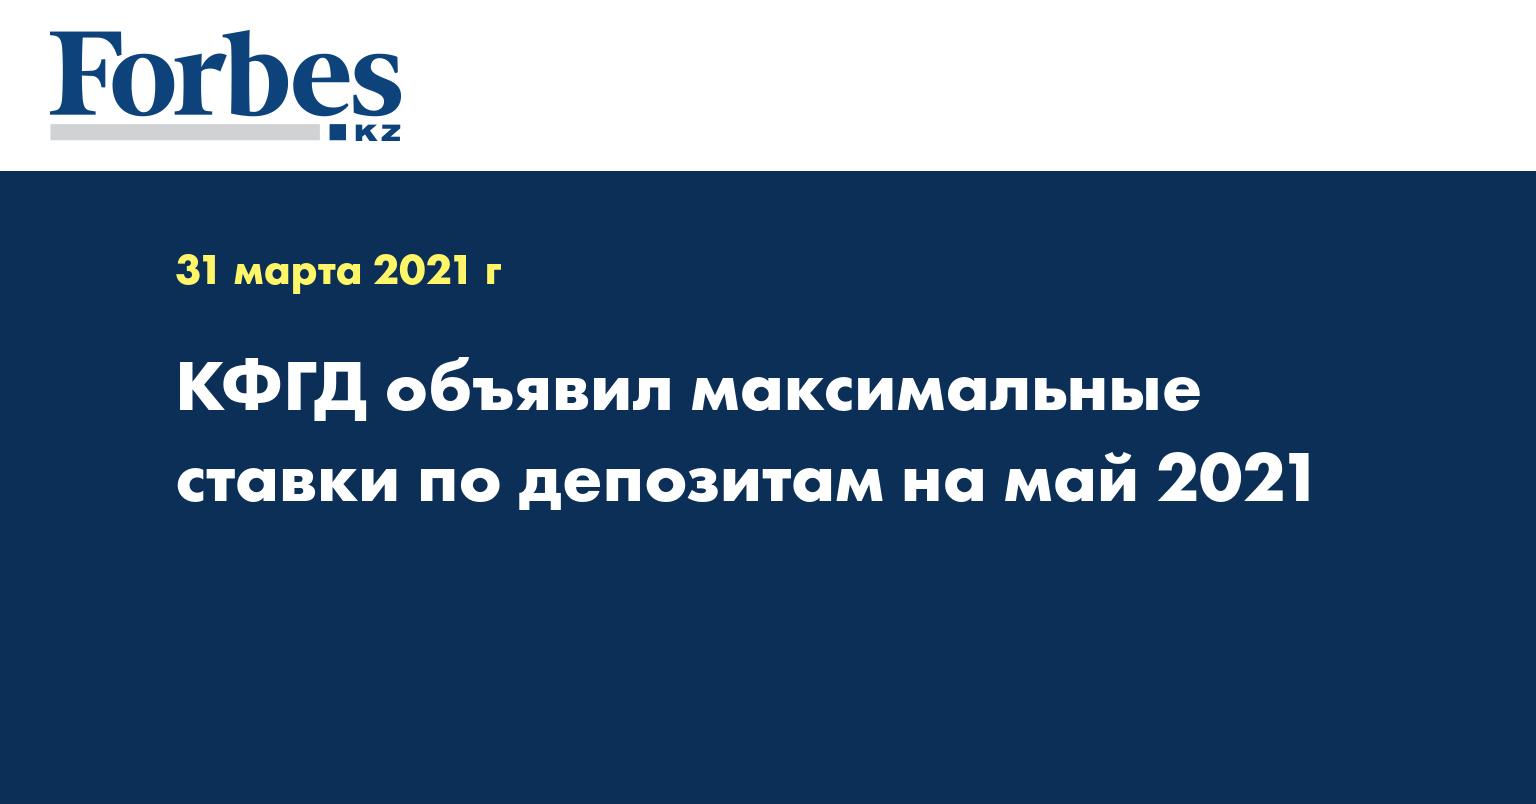 КФГД объявил максимальные ставки по депозитам на май 2021